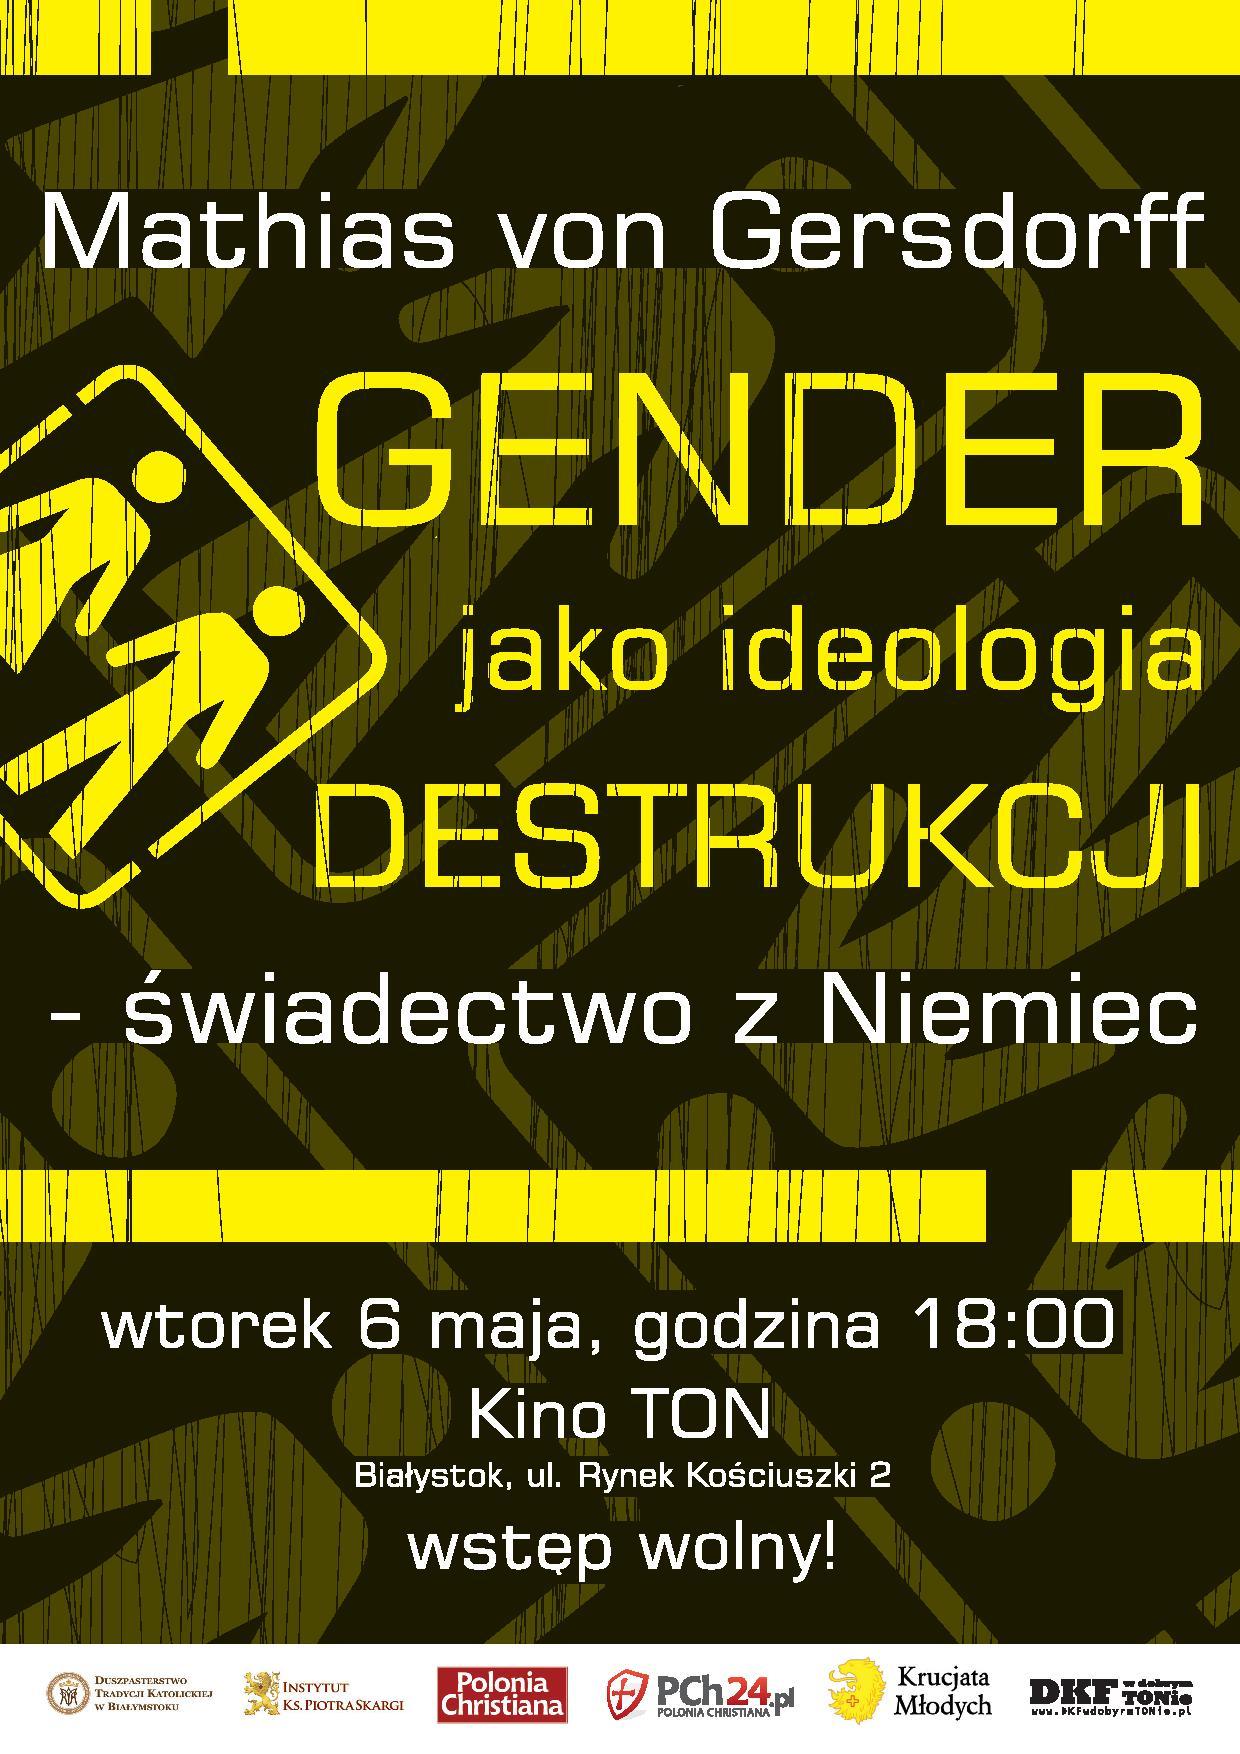 Zaproszenie_Mathias_plakat_krzywe_A4-page-001